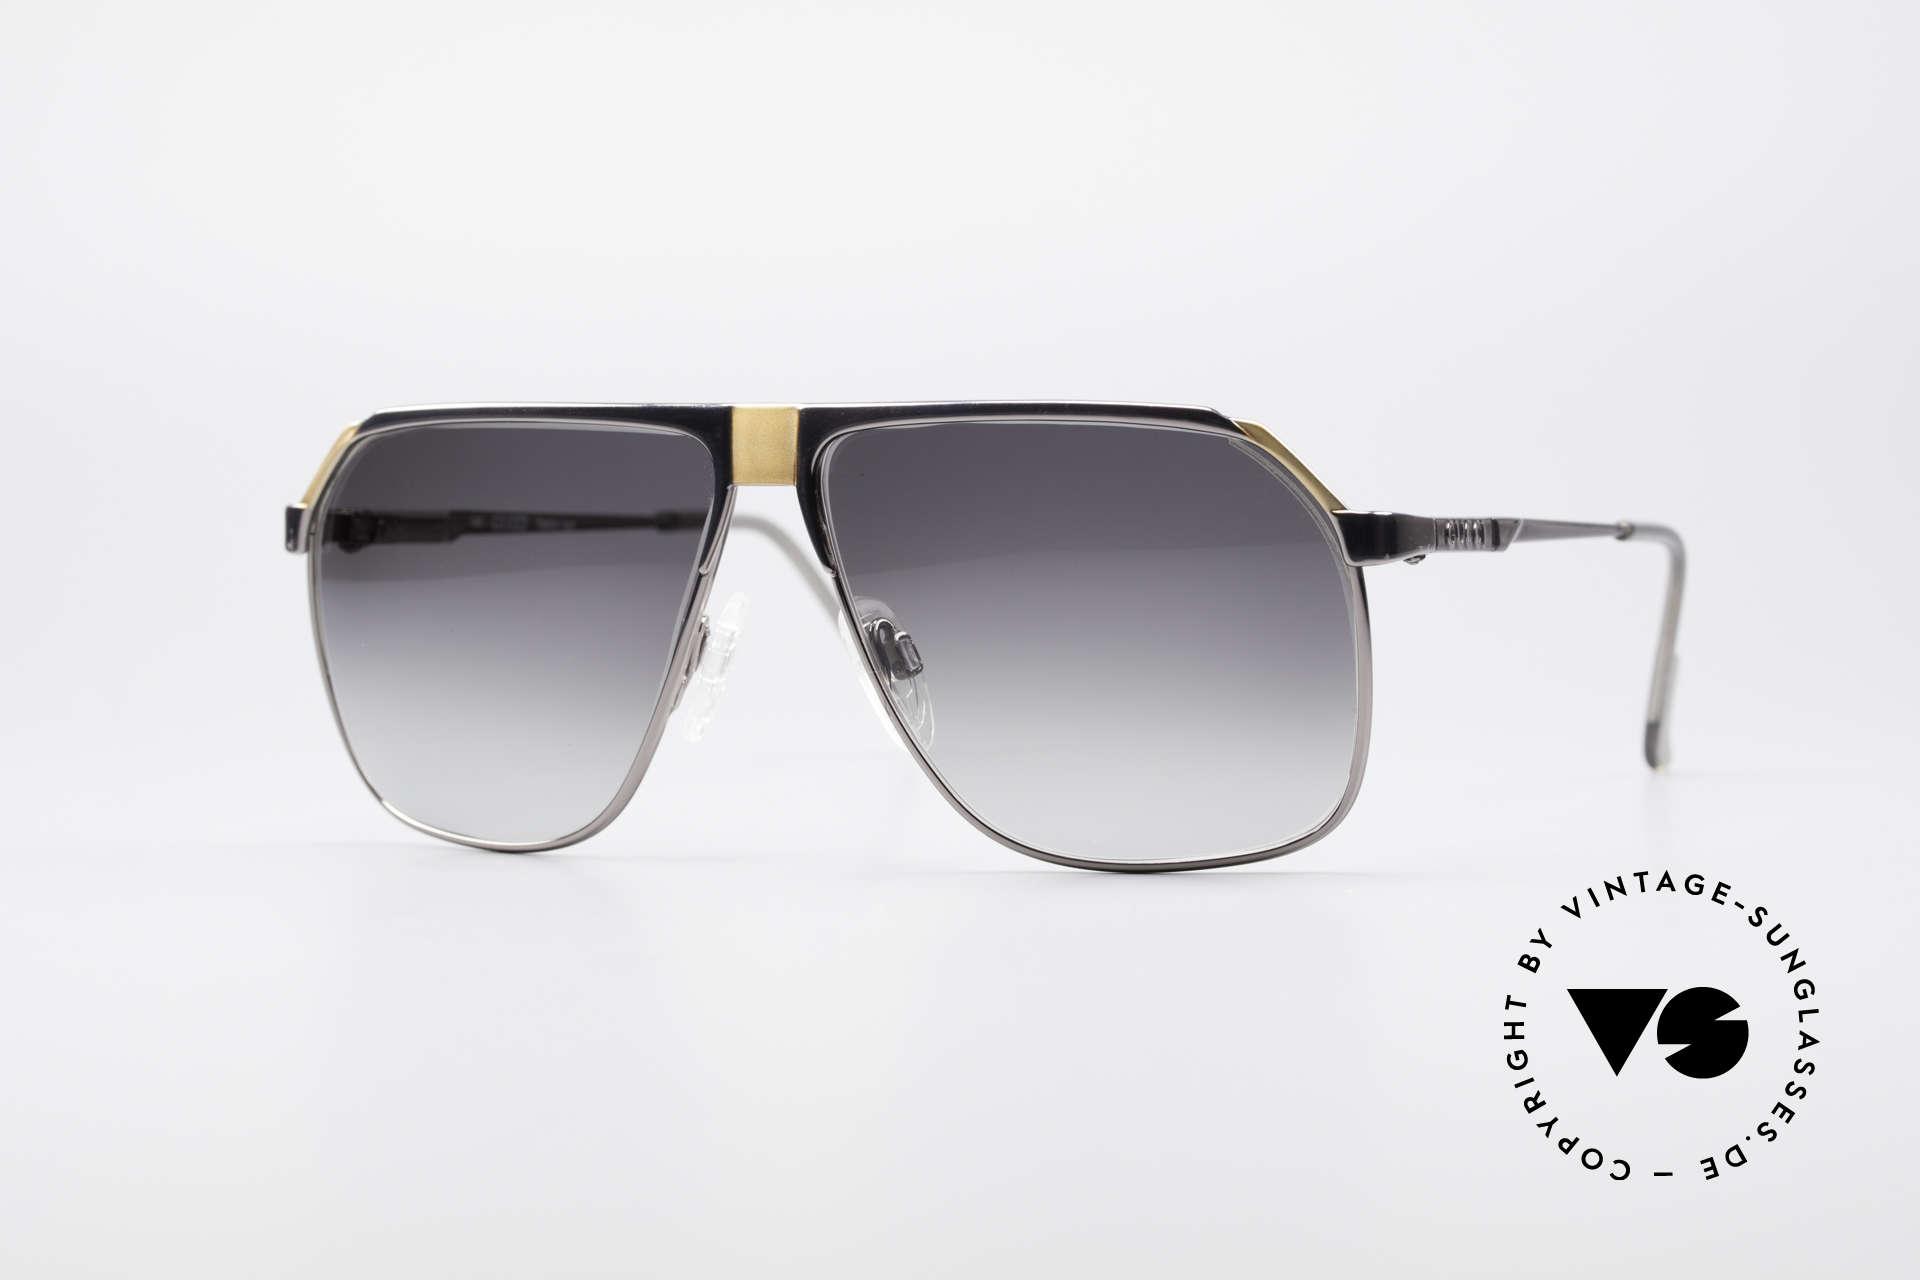 Gucci 1200 80er Luxus Sonnenbrille, mondäne vintage Designer-Sonnenbrille von Gucci, Passend für Herren